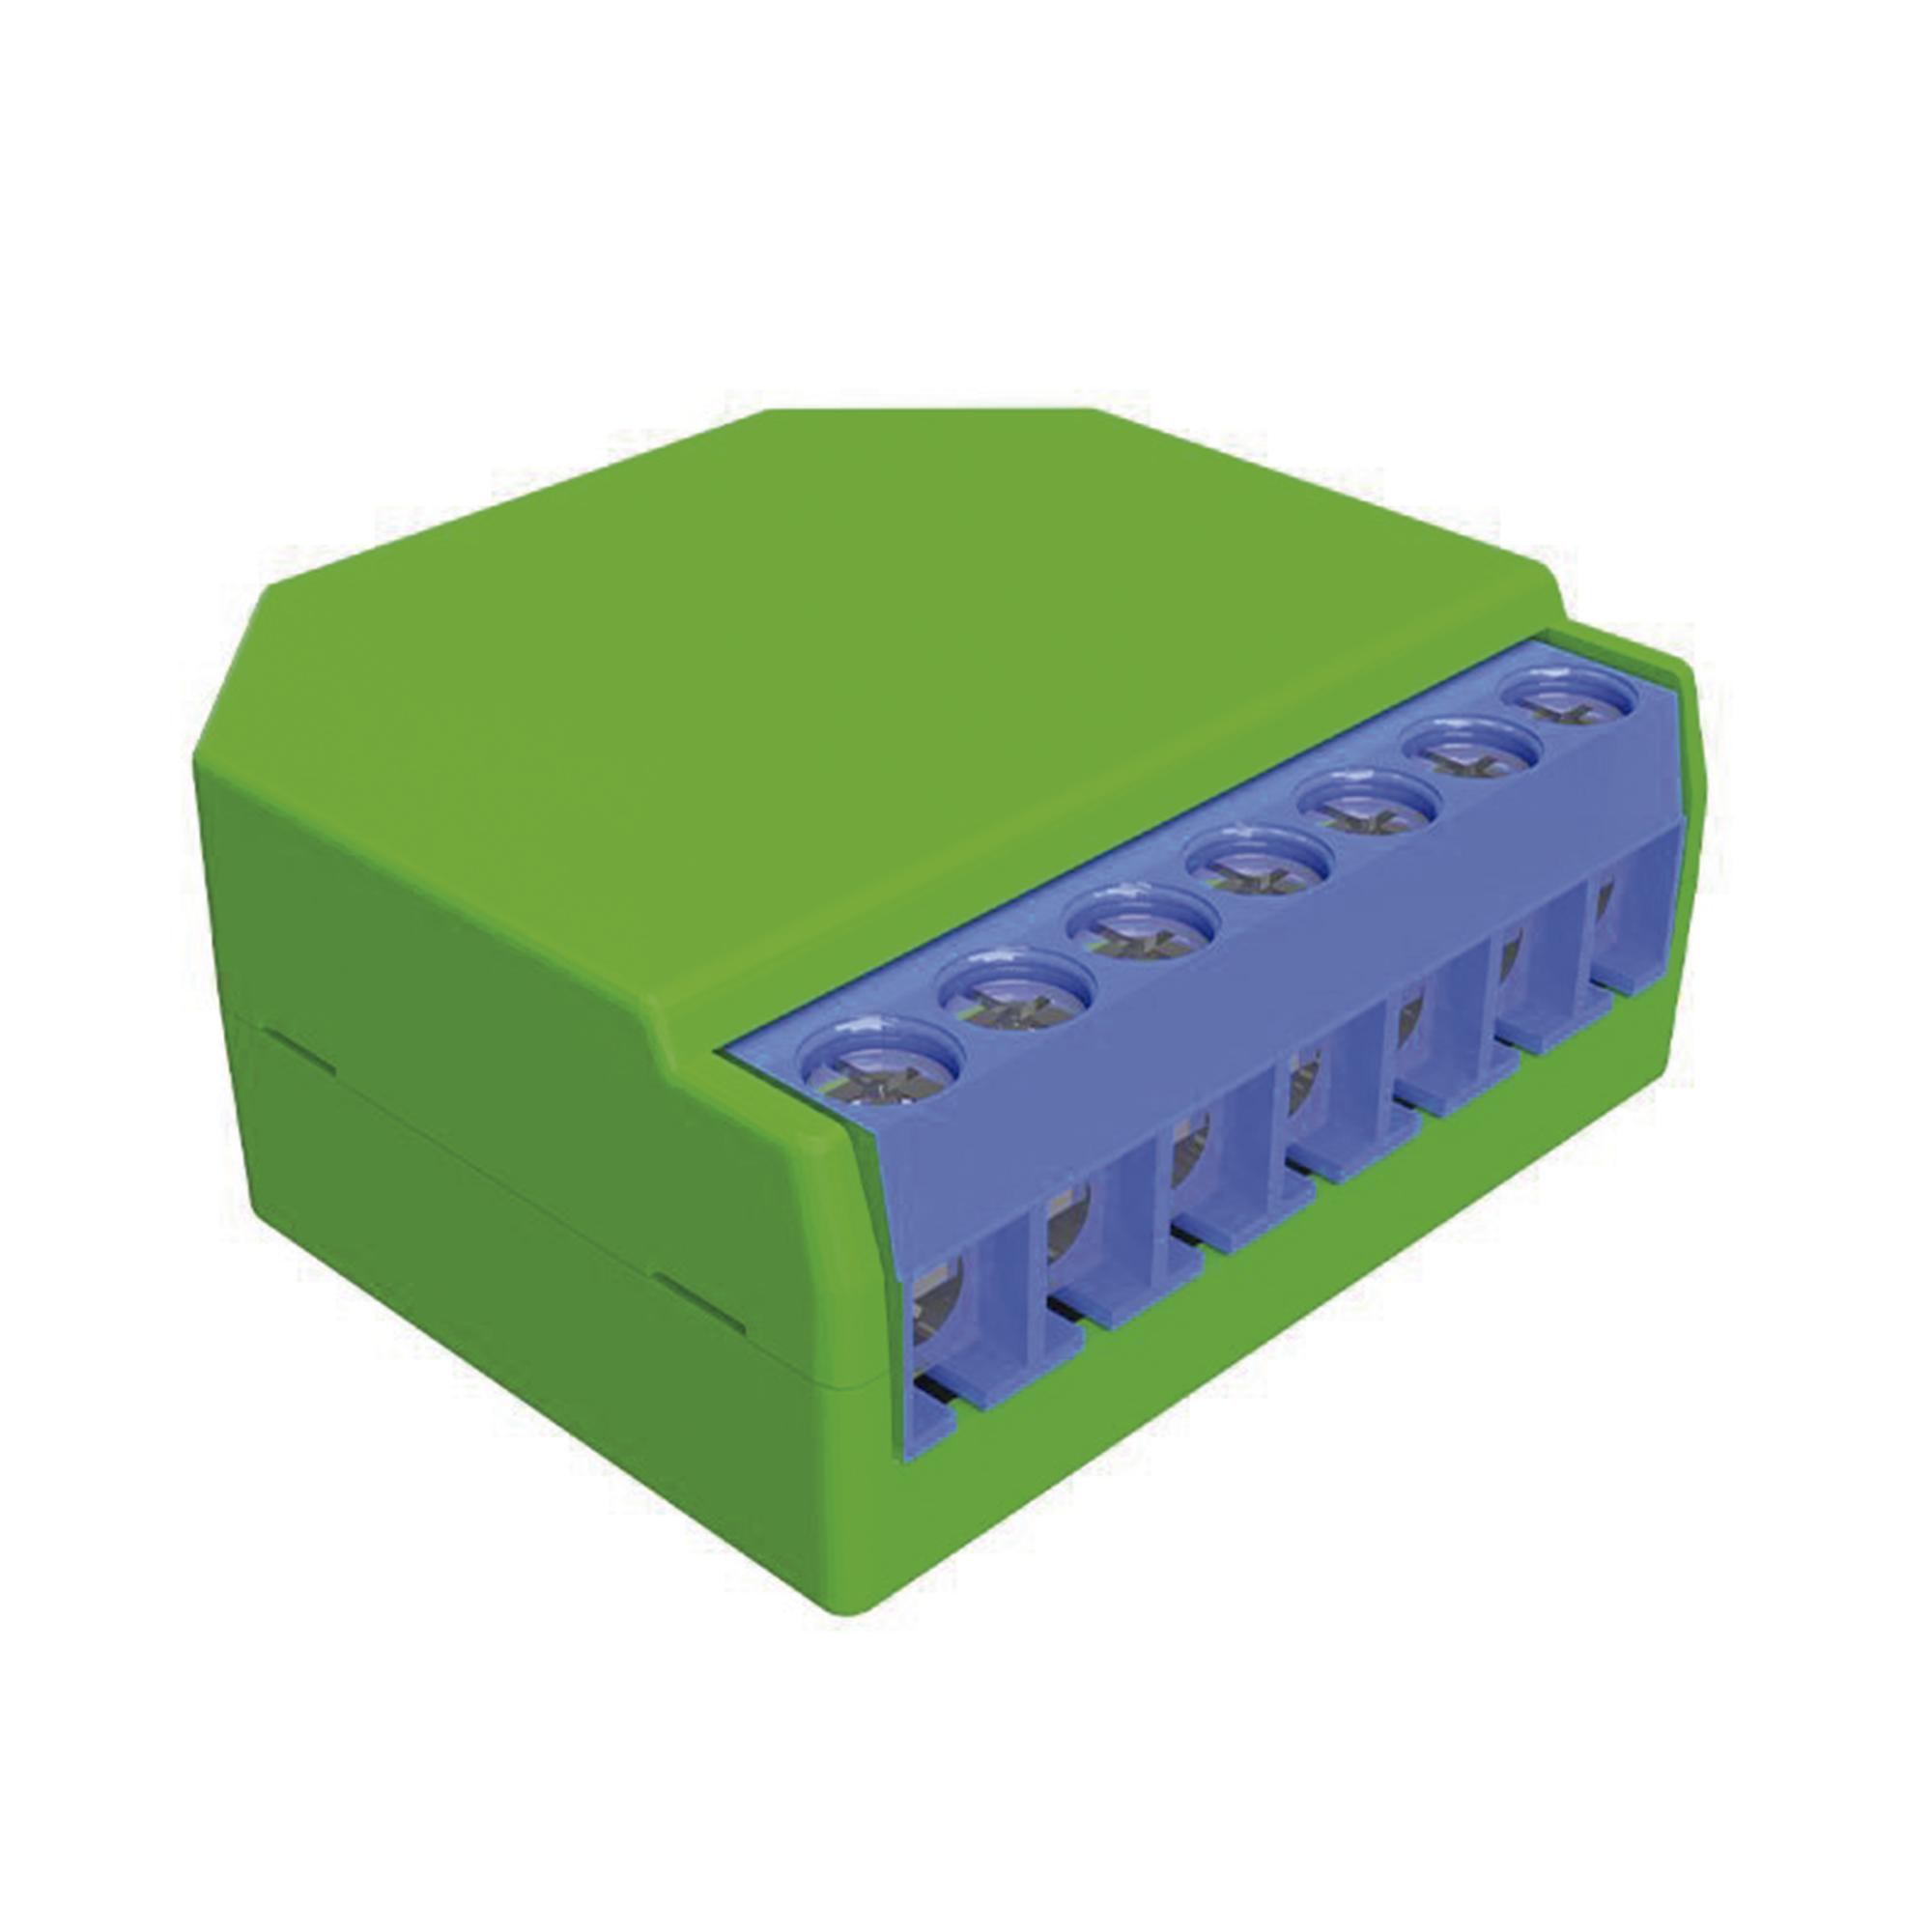 (MáS PEQUEñO DEL MUNDO) DIMMMER WIFI CLOUD / Inalámbrico residencial inteligente / Protección de sobre carga / 16A /  Soporta Google / Alexa / Nube P2P y local /